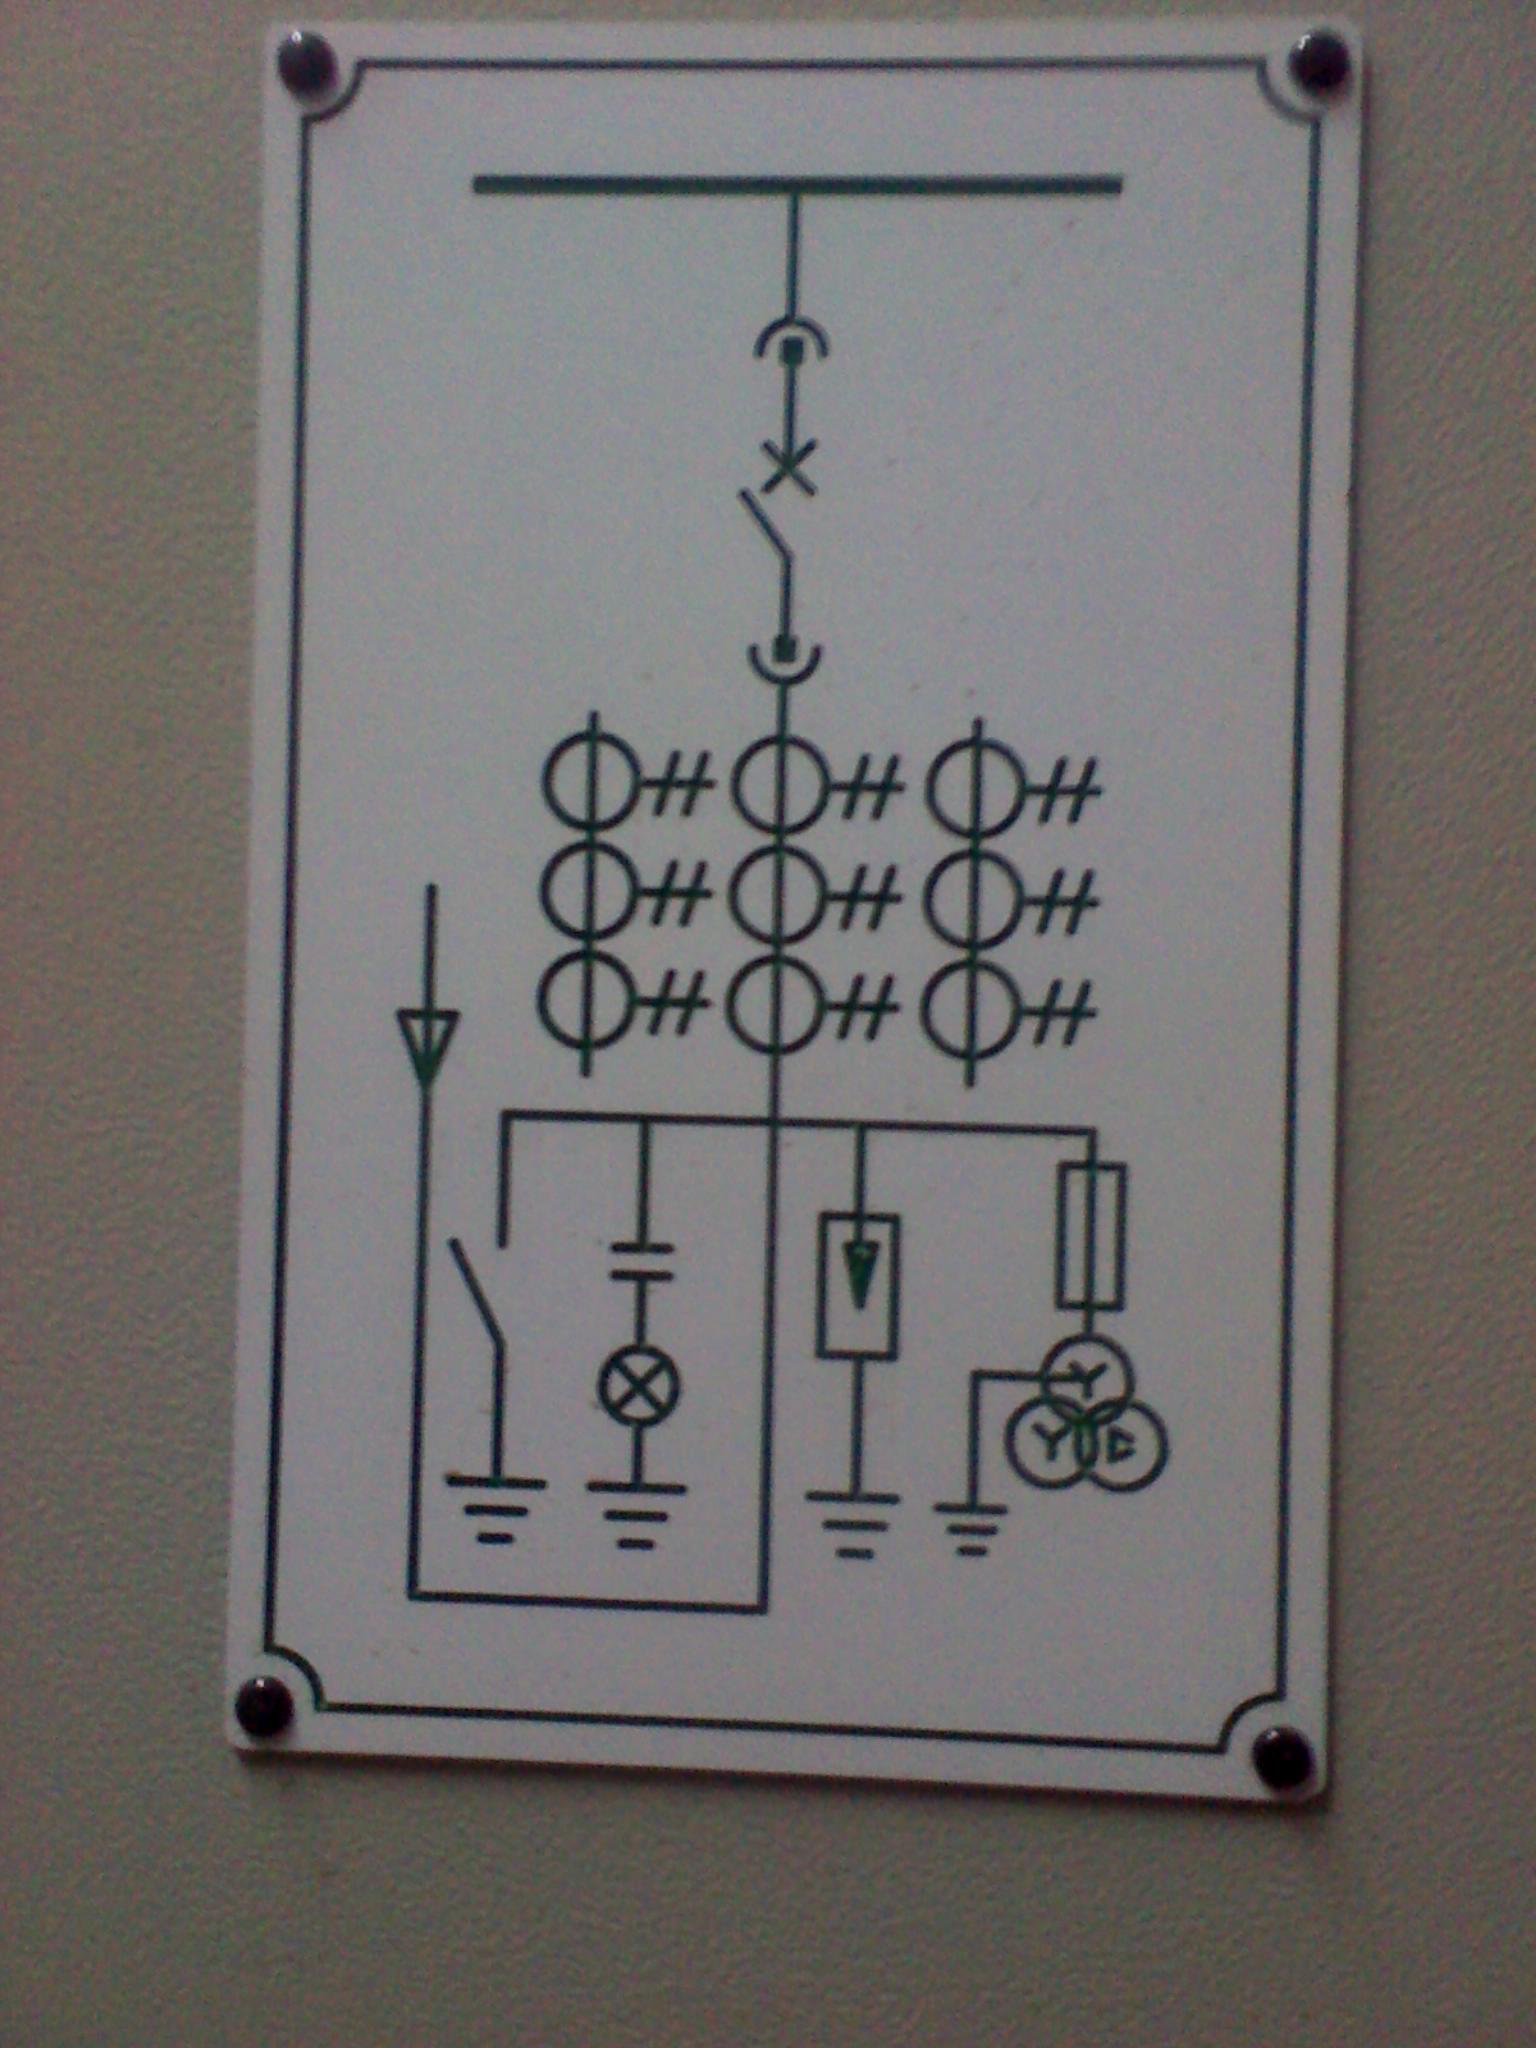 请问下这个电路图是什么意思?说的详细点,每个符号都是什么意思?谢谢!